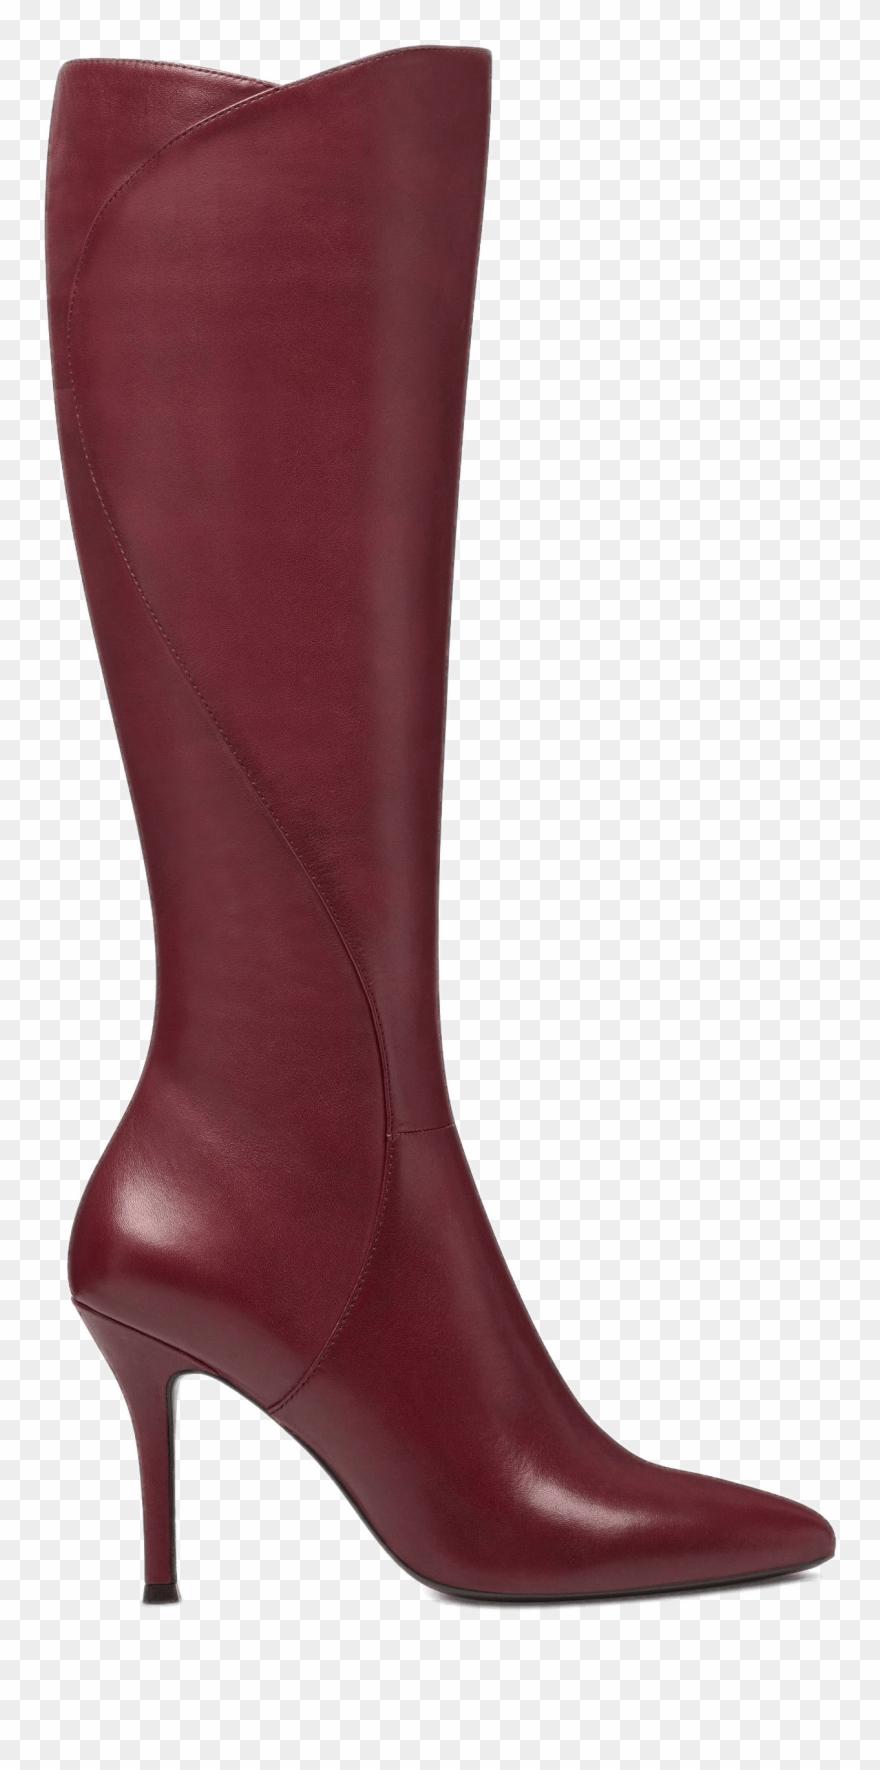 Transparent High Heel Boots.